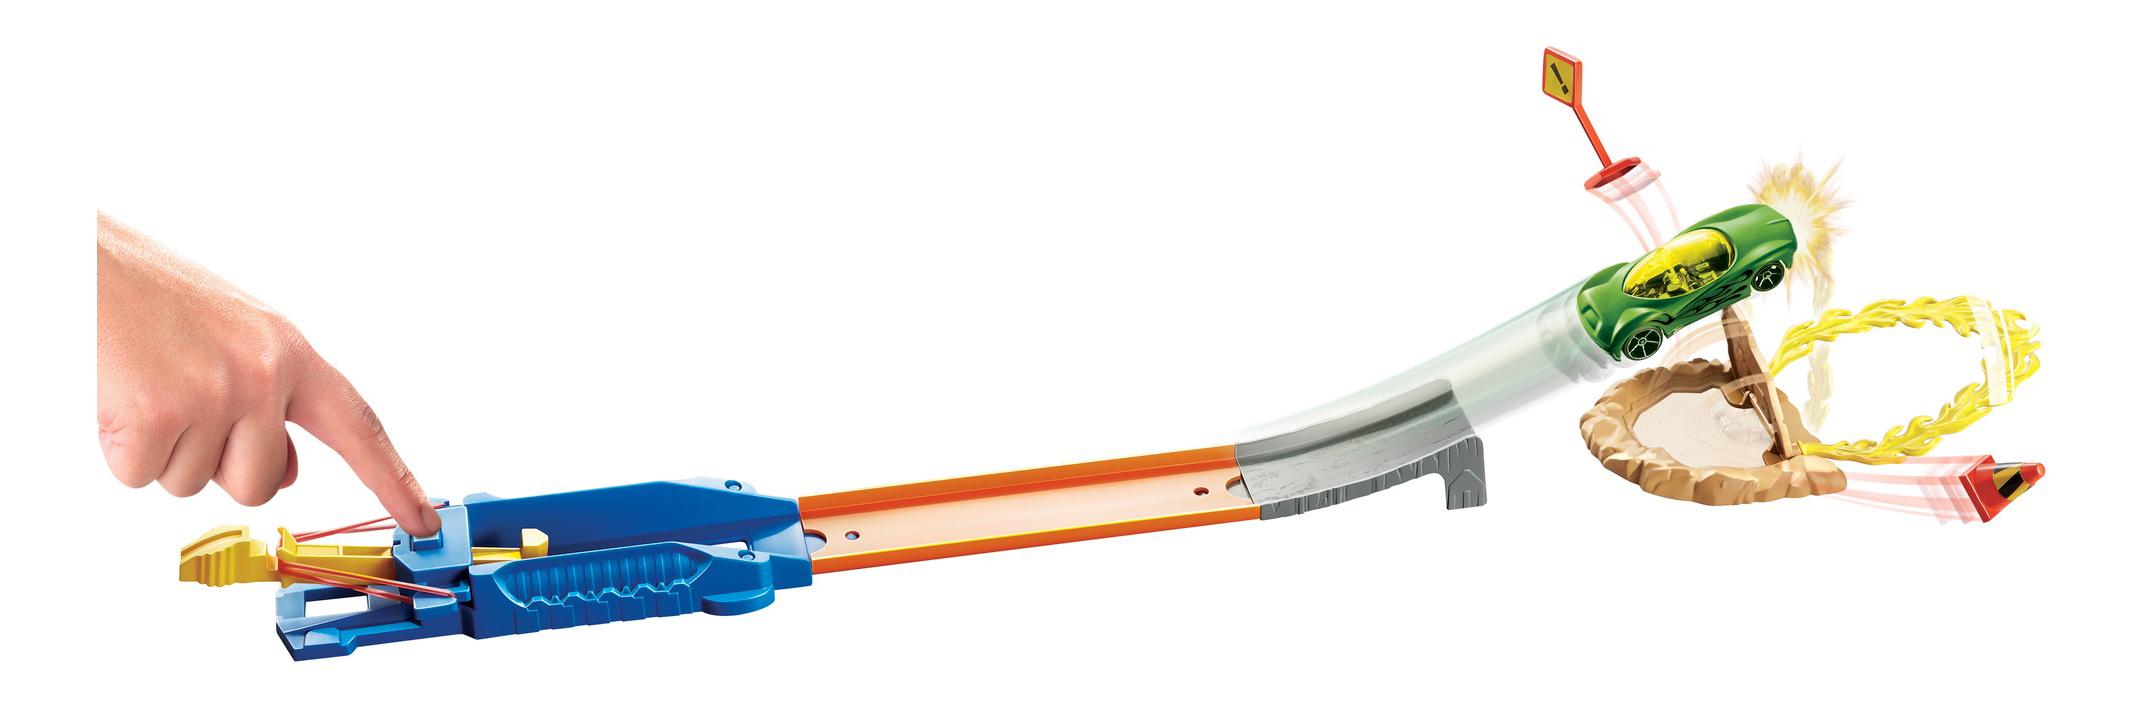 Купить Автотрек Hot Wheels Прыжок через огненное кольцо DNN77 DNN80,